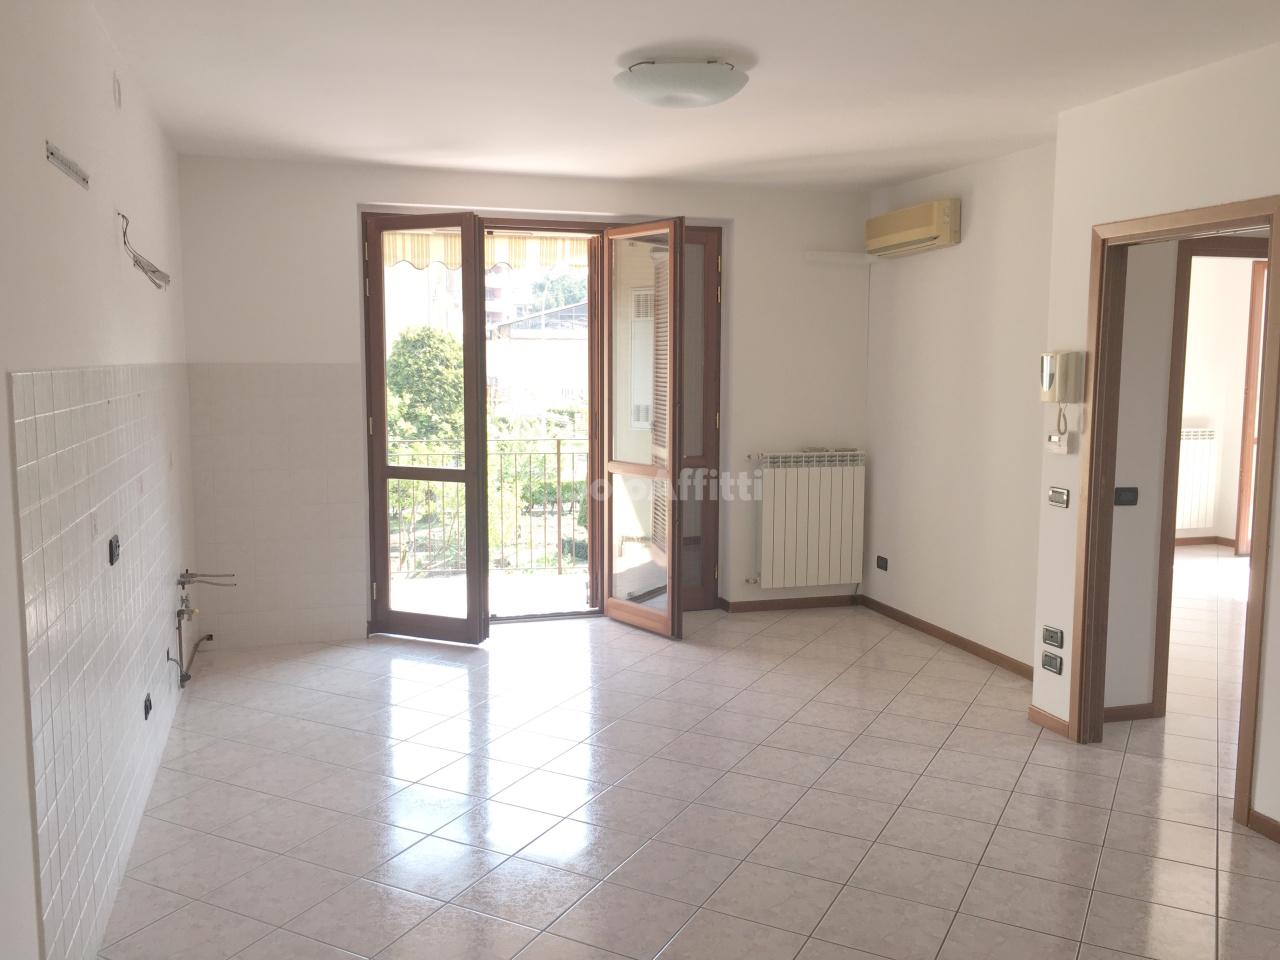 Appartamento in affitto a Calusco d'Adda, 2 locali, prezzo € 520 | PortaleAgenzieImmobiliari.it